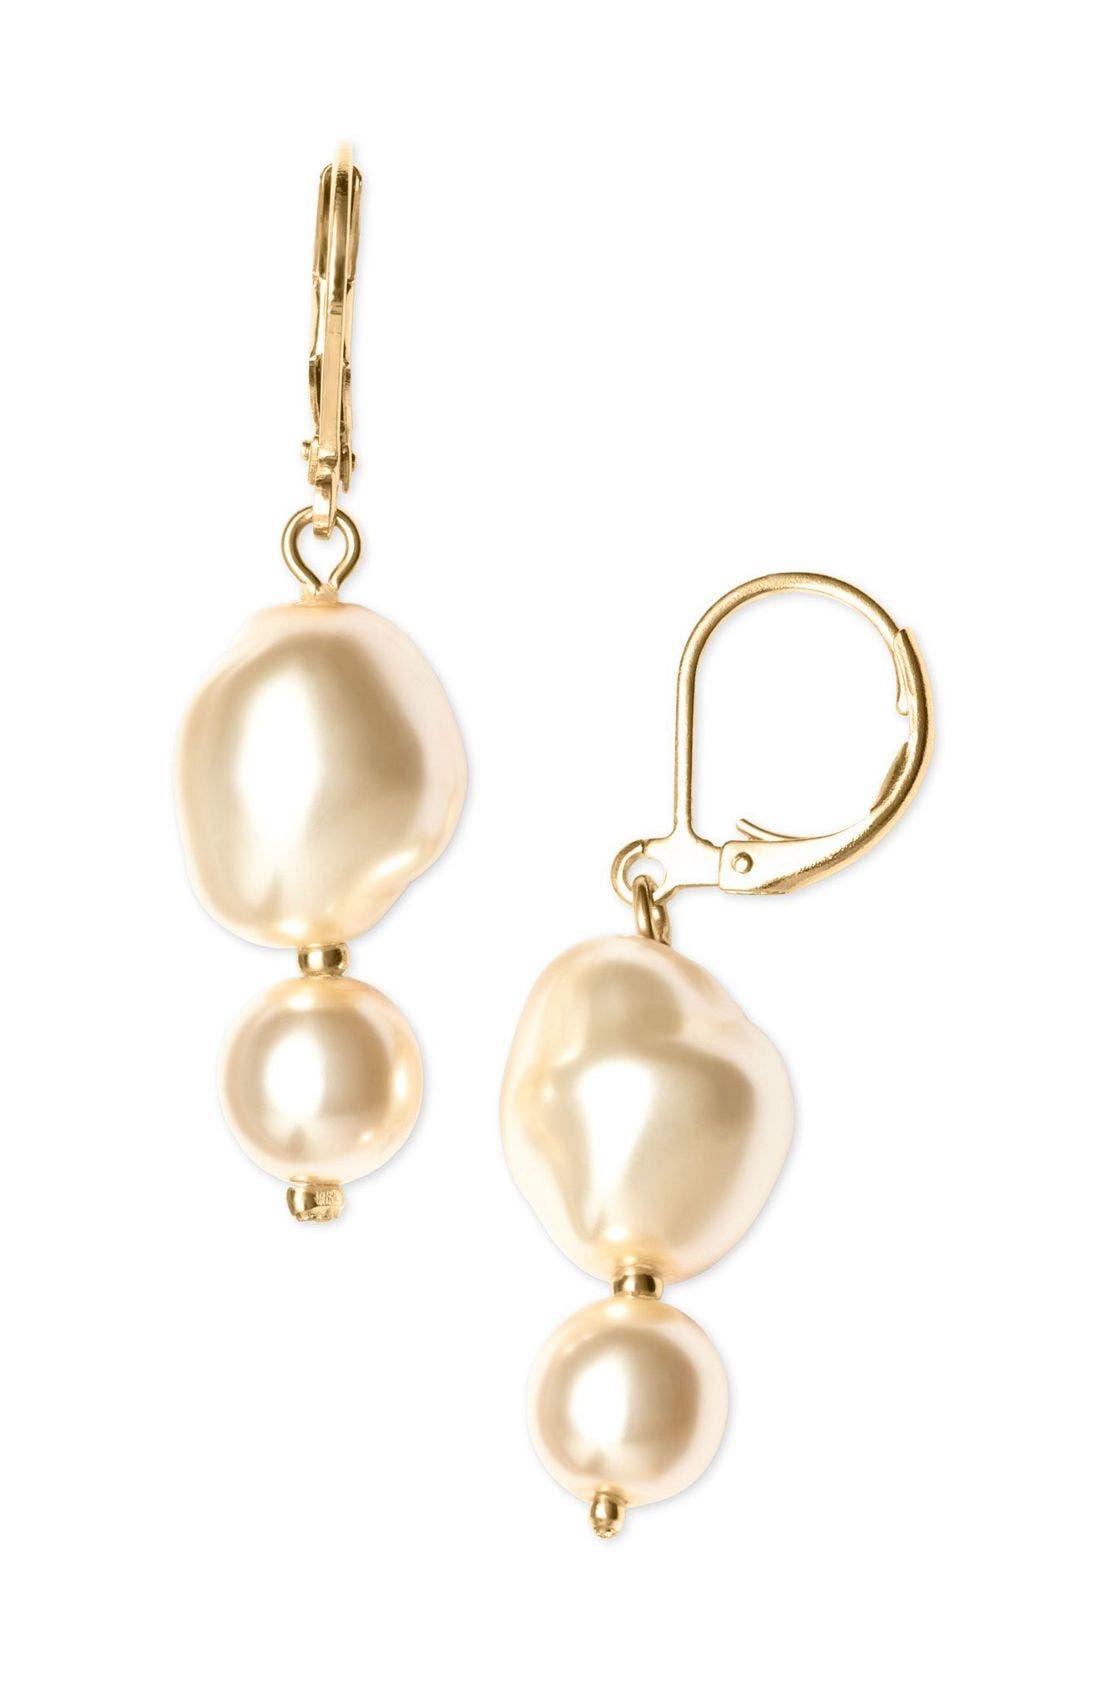 Main Image - Dabby Reid Drop Earrings